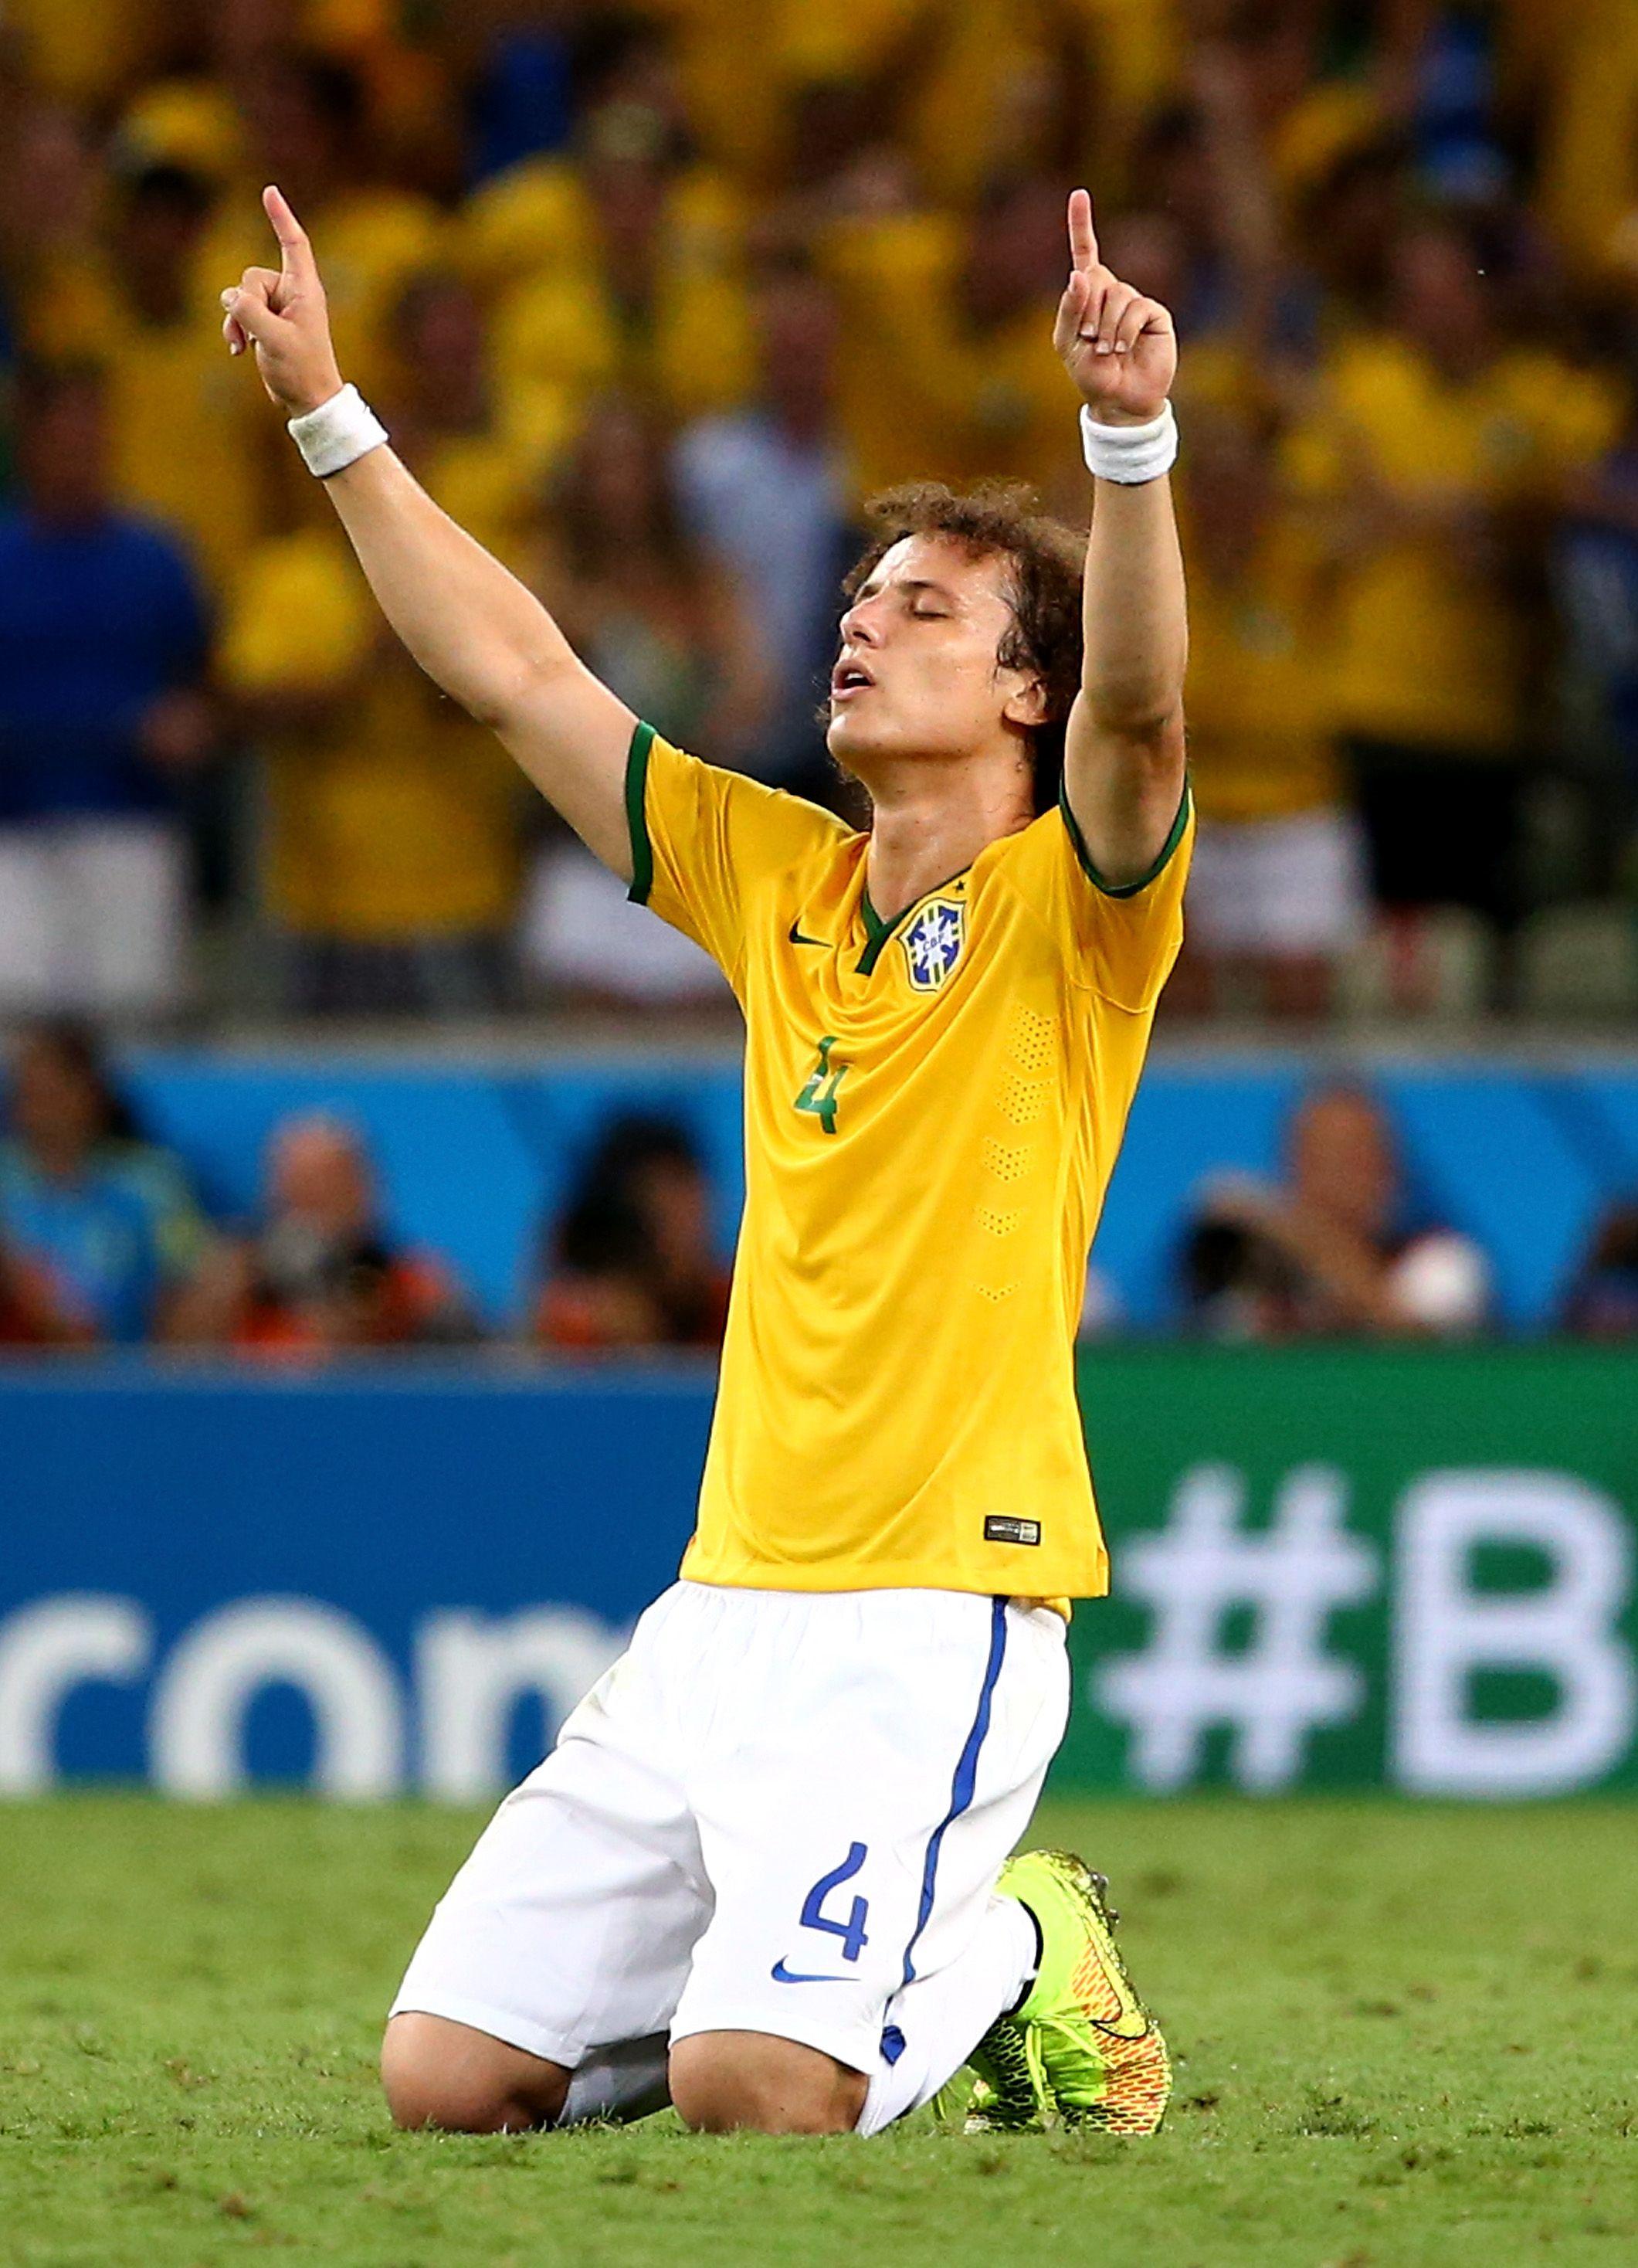 Quem Acredita Que O Brasil Leva A Melhor Hoje No Jogo Contra A Alemanha Levanta A Mao O Vai Brasil Unidospelofutebol